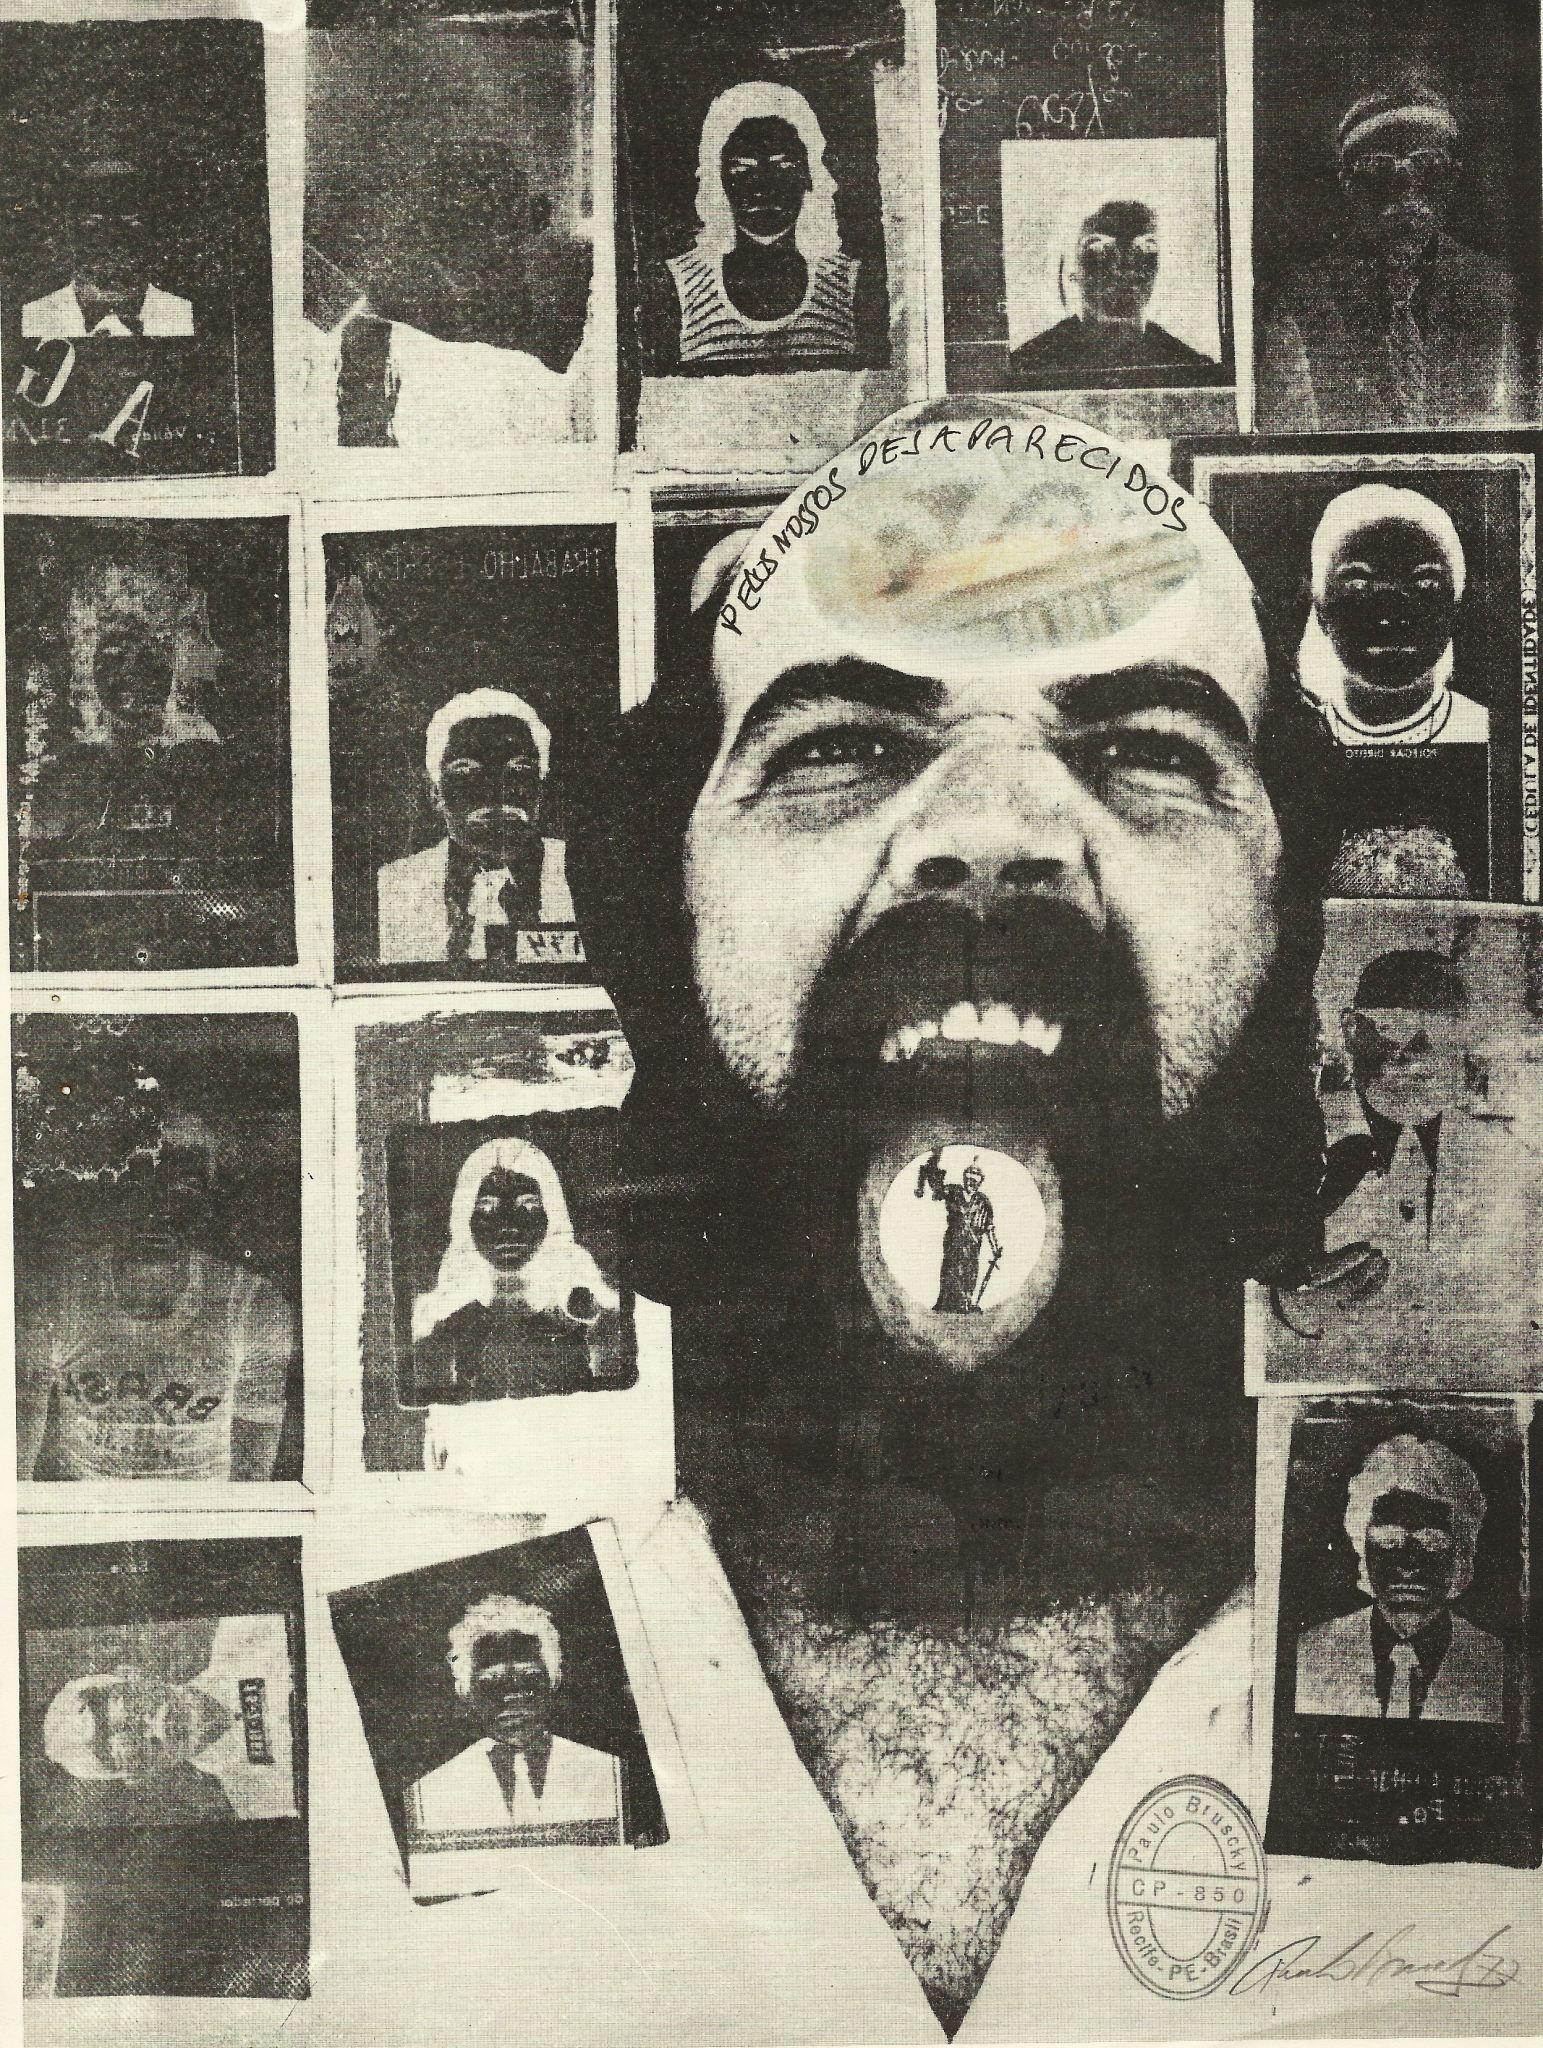 19.Pelos-Nossos-Desaparecidos-–-1977-Com-intervenções-manuais-22-x-285-cm-R-25.00000